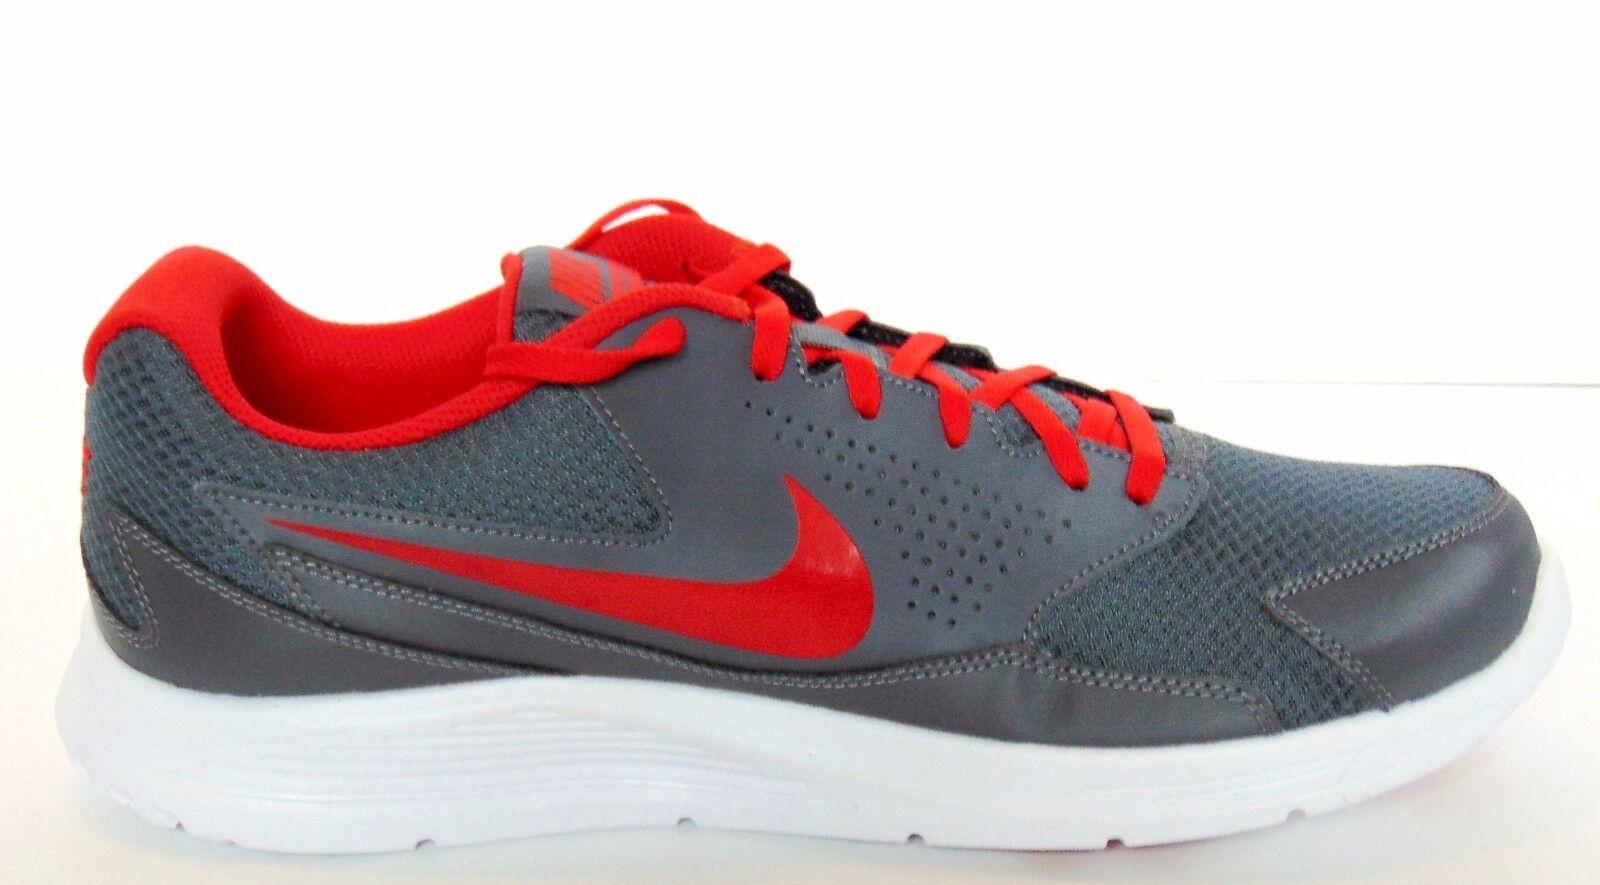 detailed look e39ab 94e6b ... último descuento zapatos para hombres y mujeres,. Nike CP Trainer 2 Hombre  Hombre Hombre Shoes Athletic running Sneakers 719908-011 confortable el